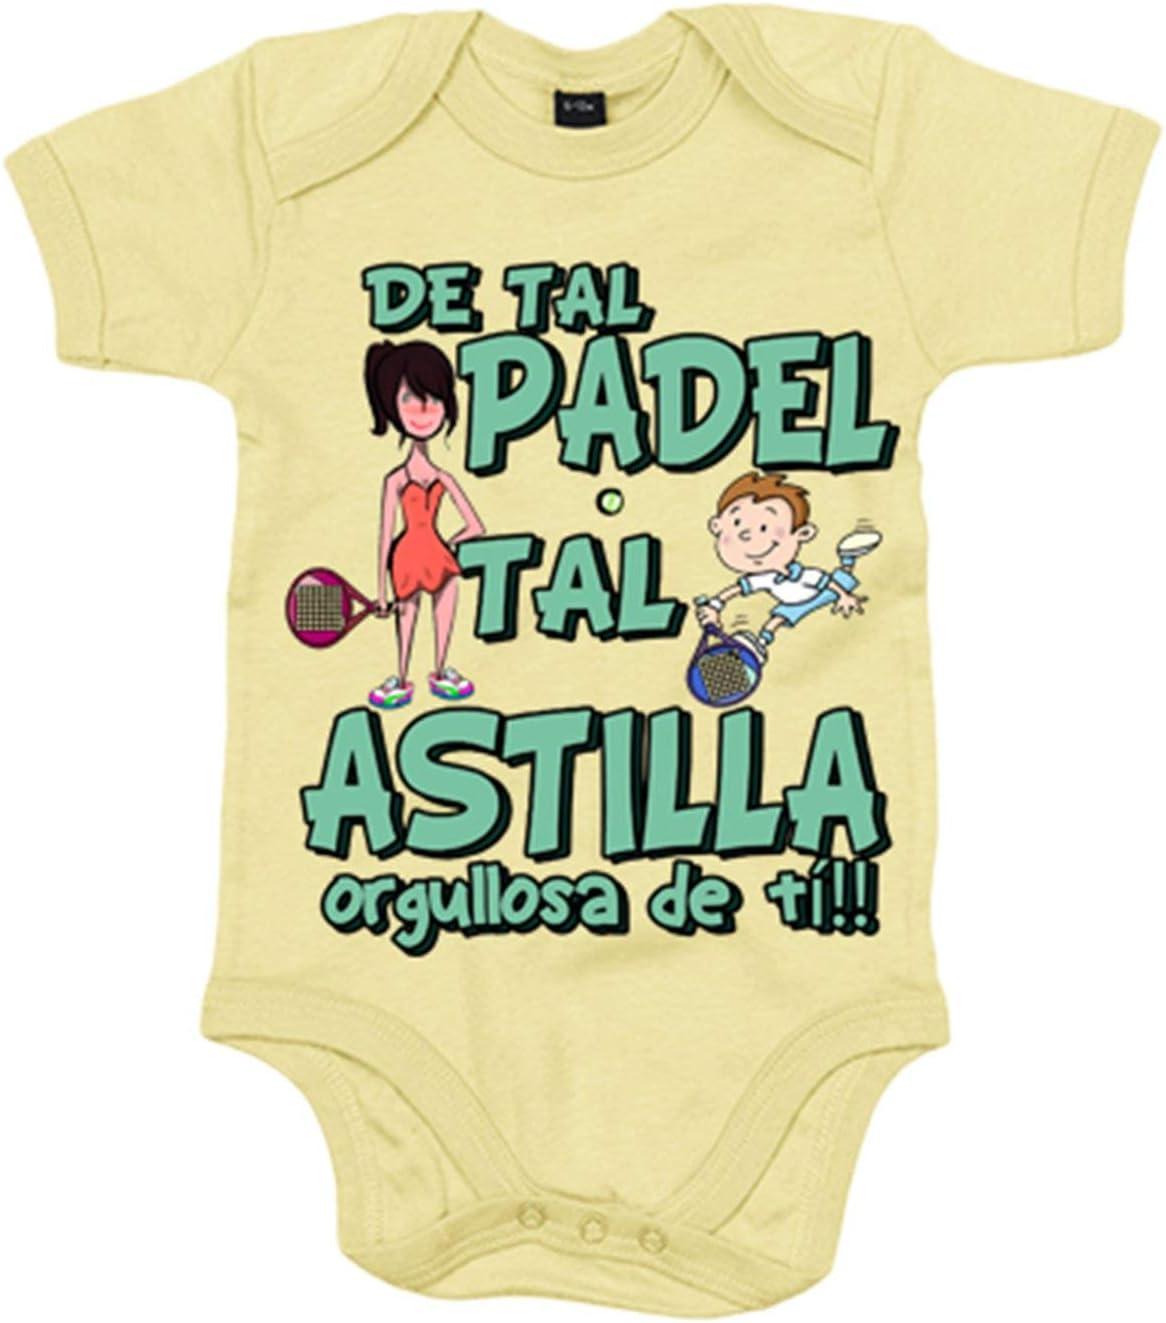 Body bebé madre y niño de tal padel tal astilla orgullosa de ti - Amarillo, 12-18 meses